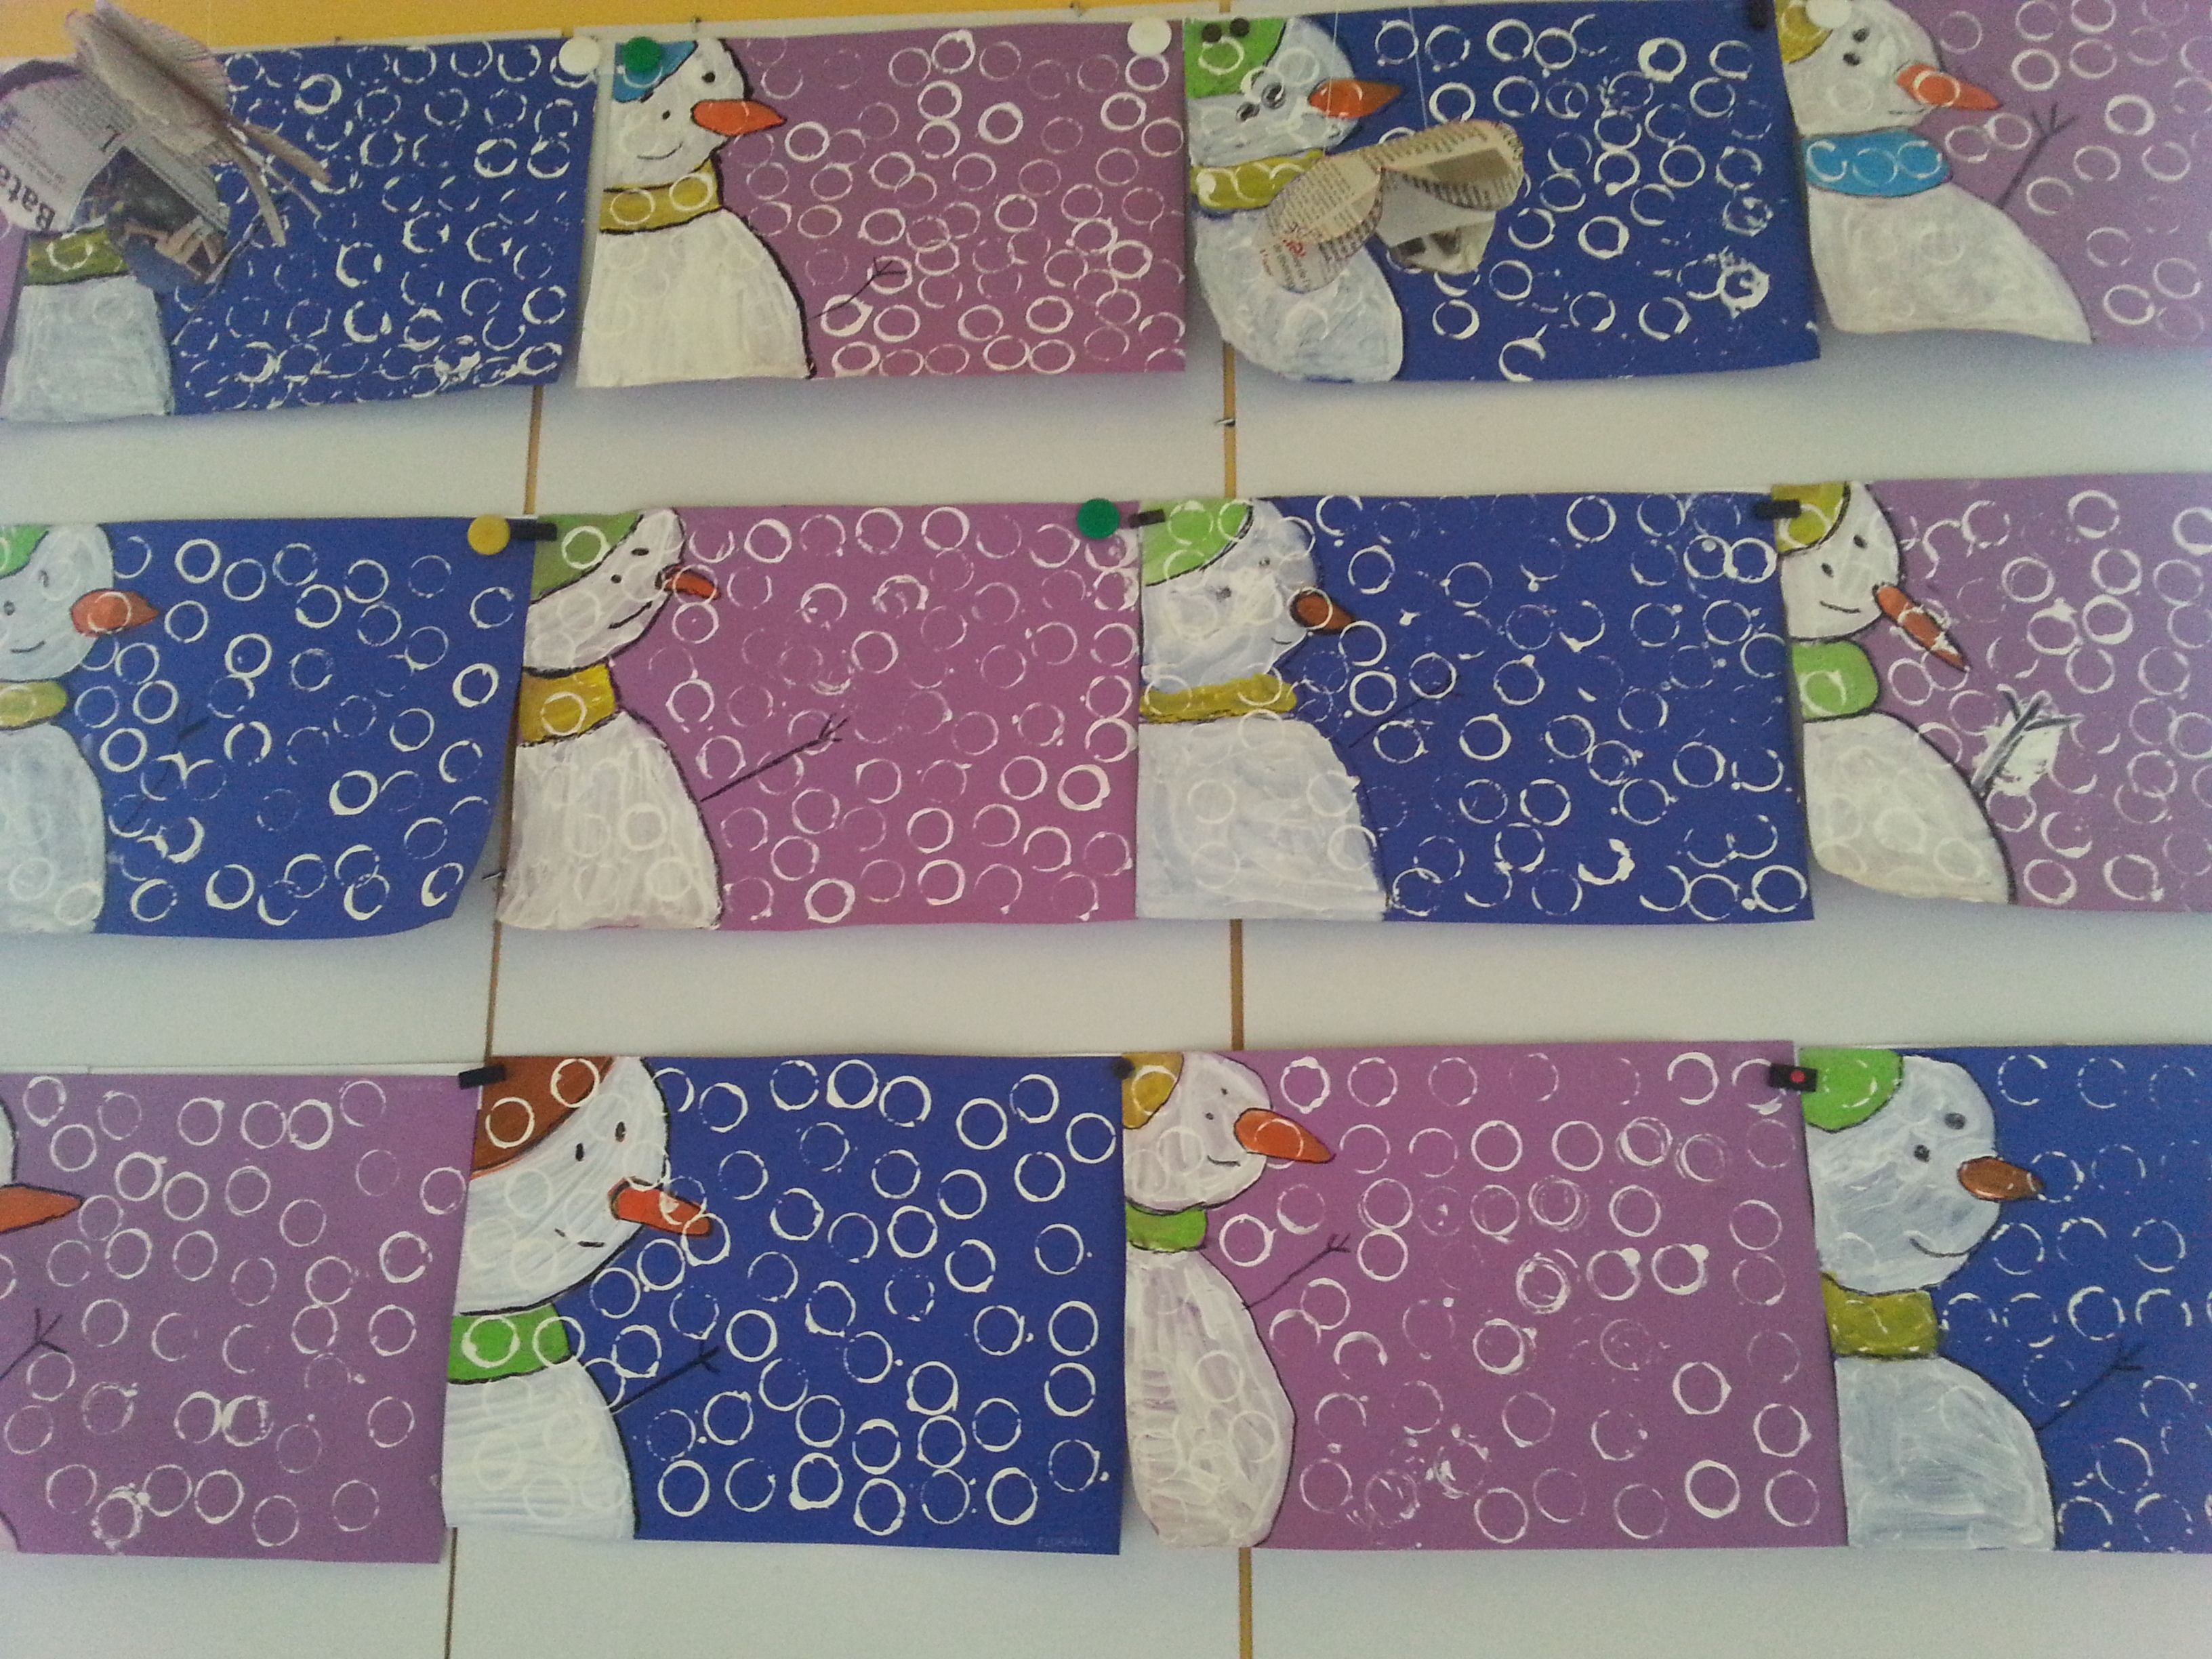 Bonhommes de neige peinture craie grasse empreintes de bouchons plastiques r alisations - Pinterest bonhomme de neige ...